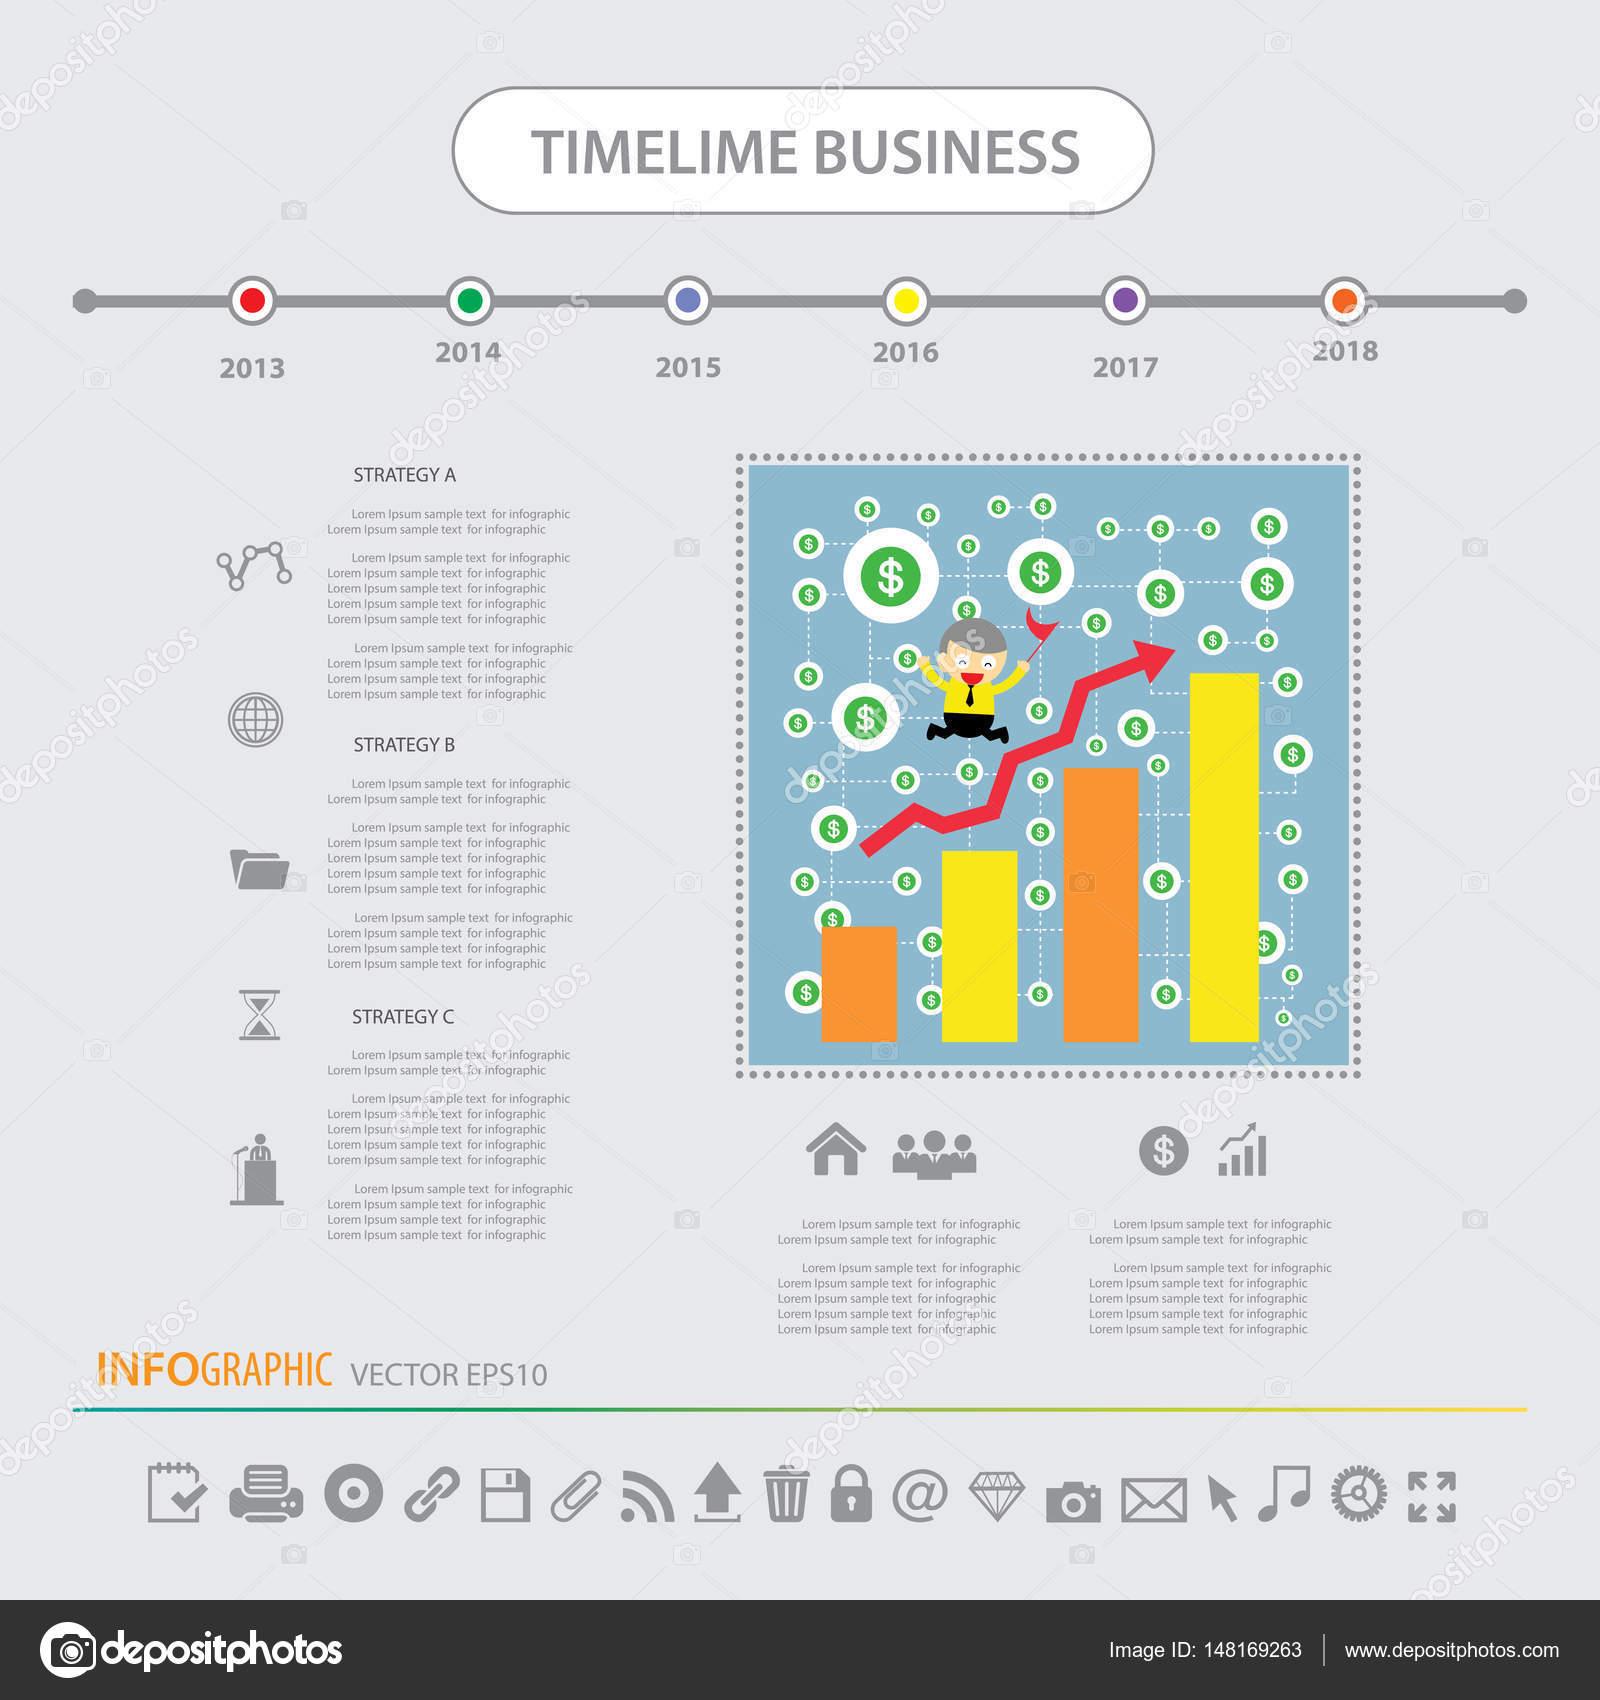 タイムライン インフォ グラフィック テンプレート アイコンを設定